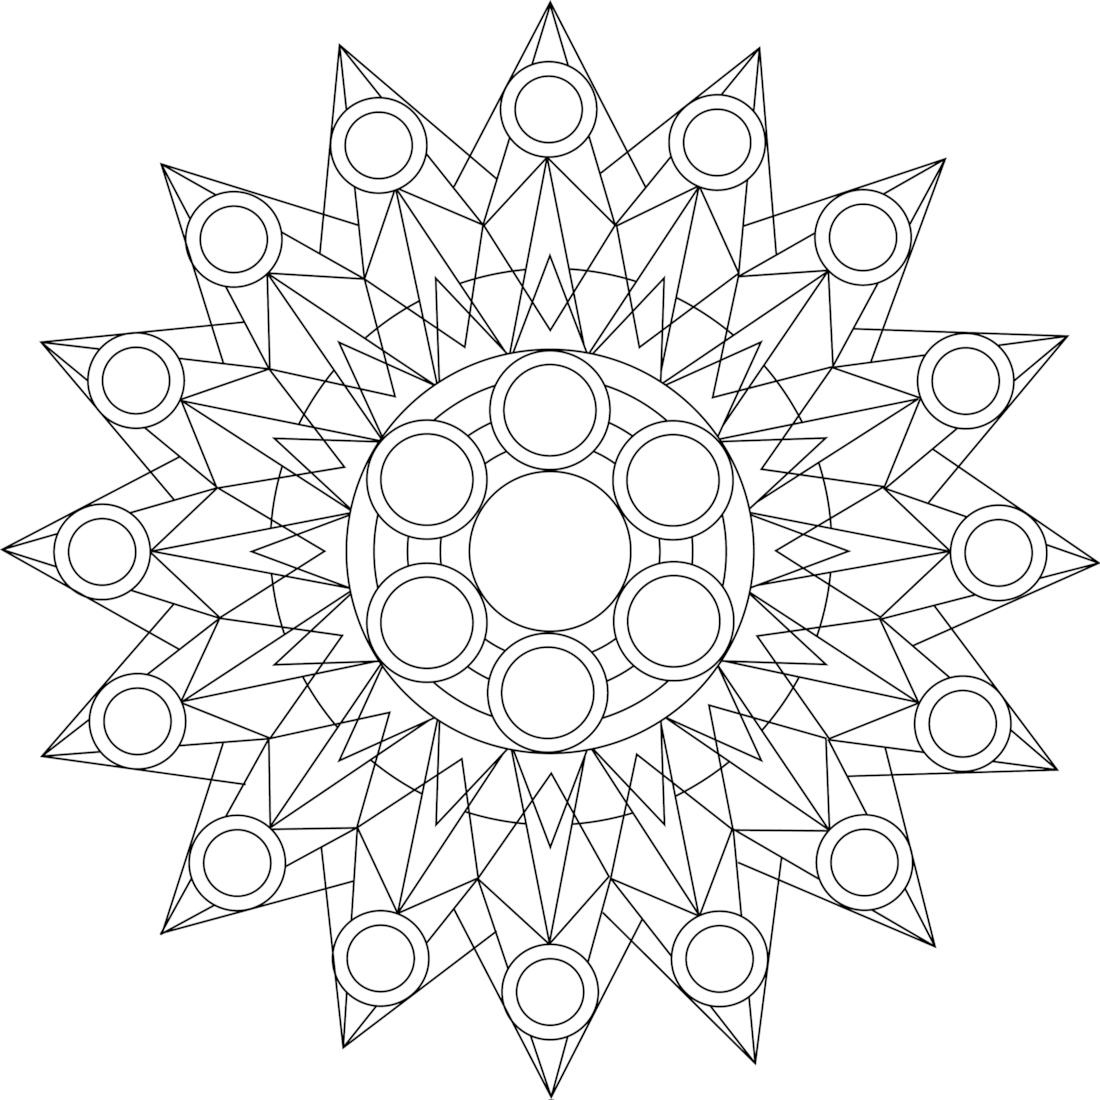 Kaleidoscope a free printable